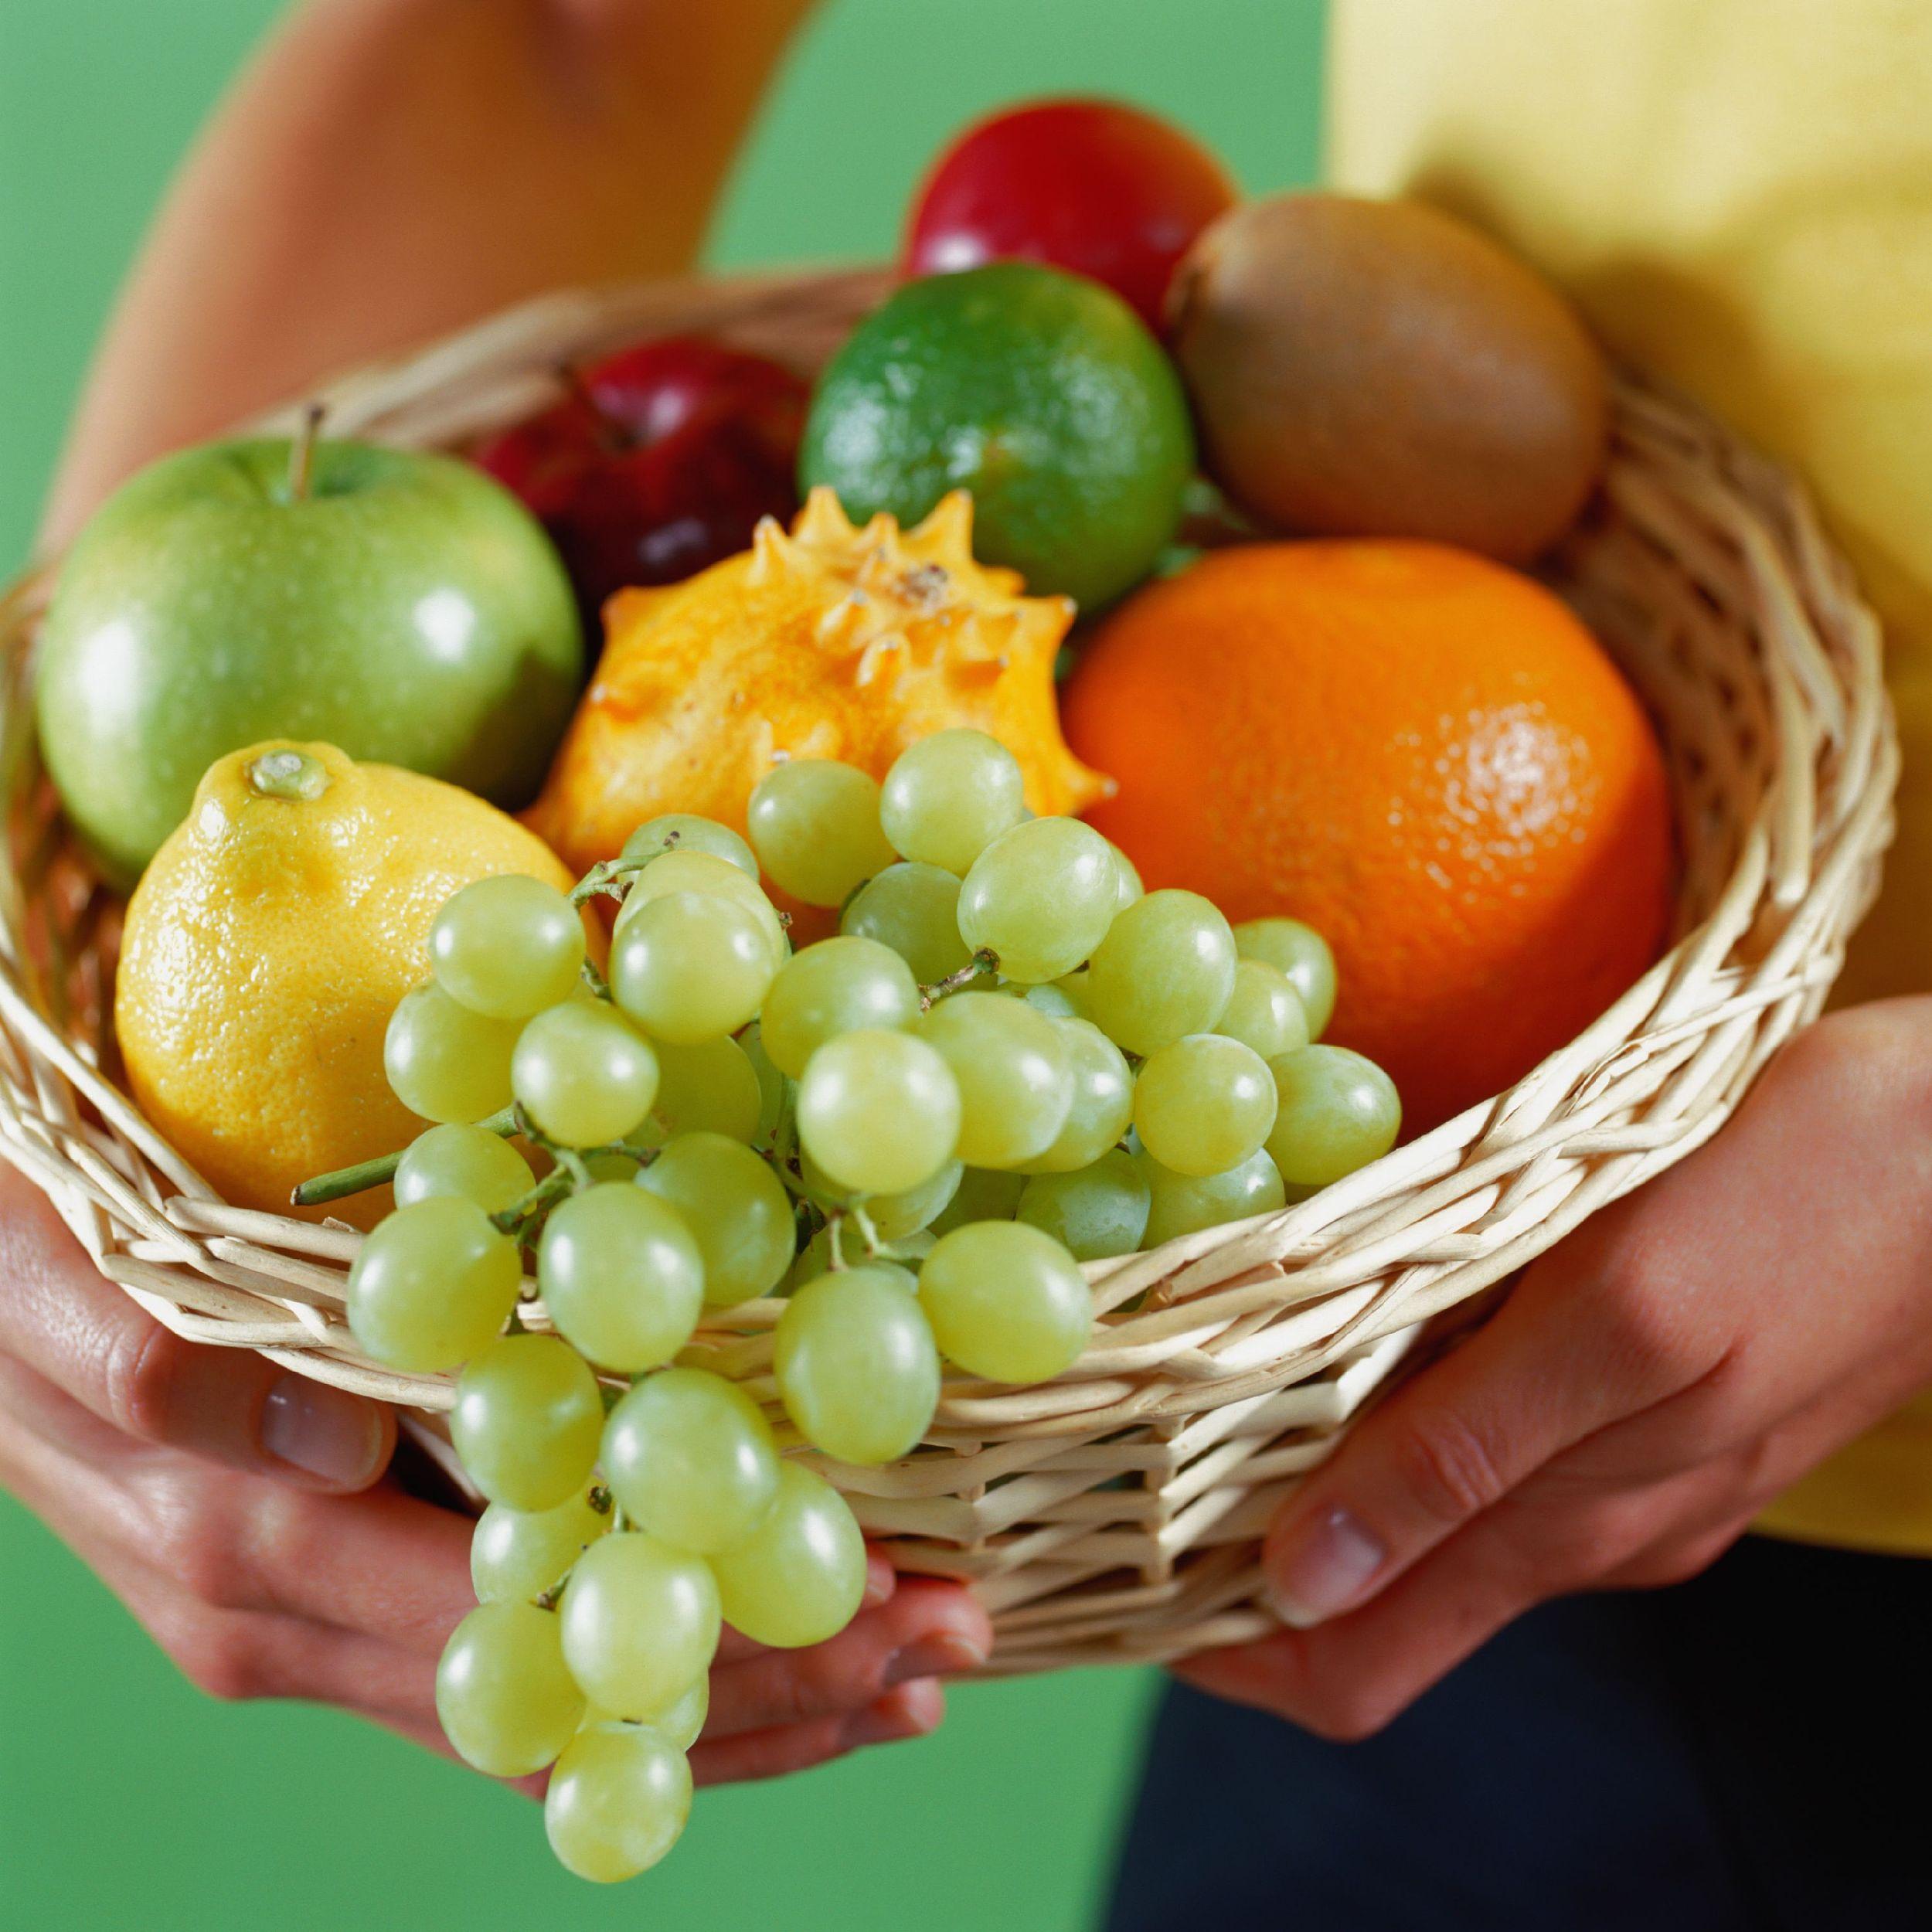 吃水果多,吃蔬菜少